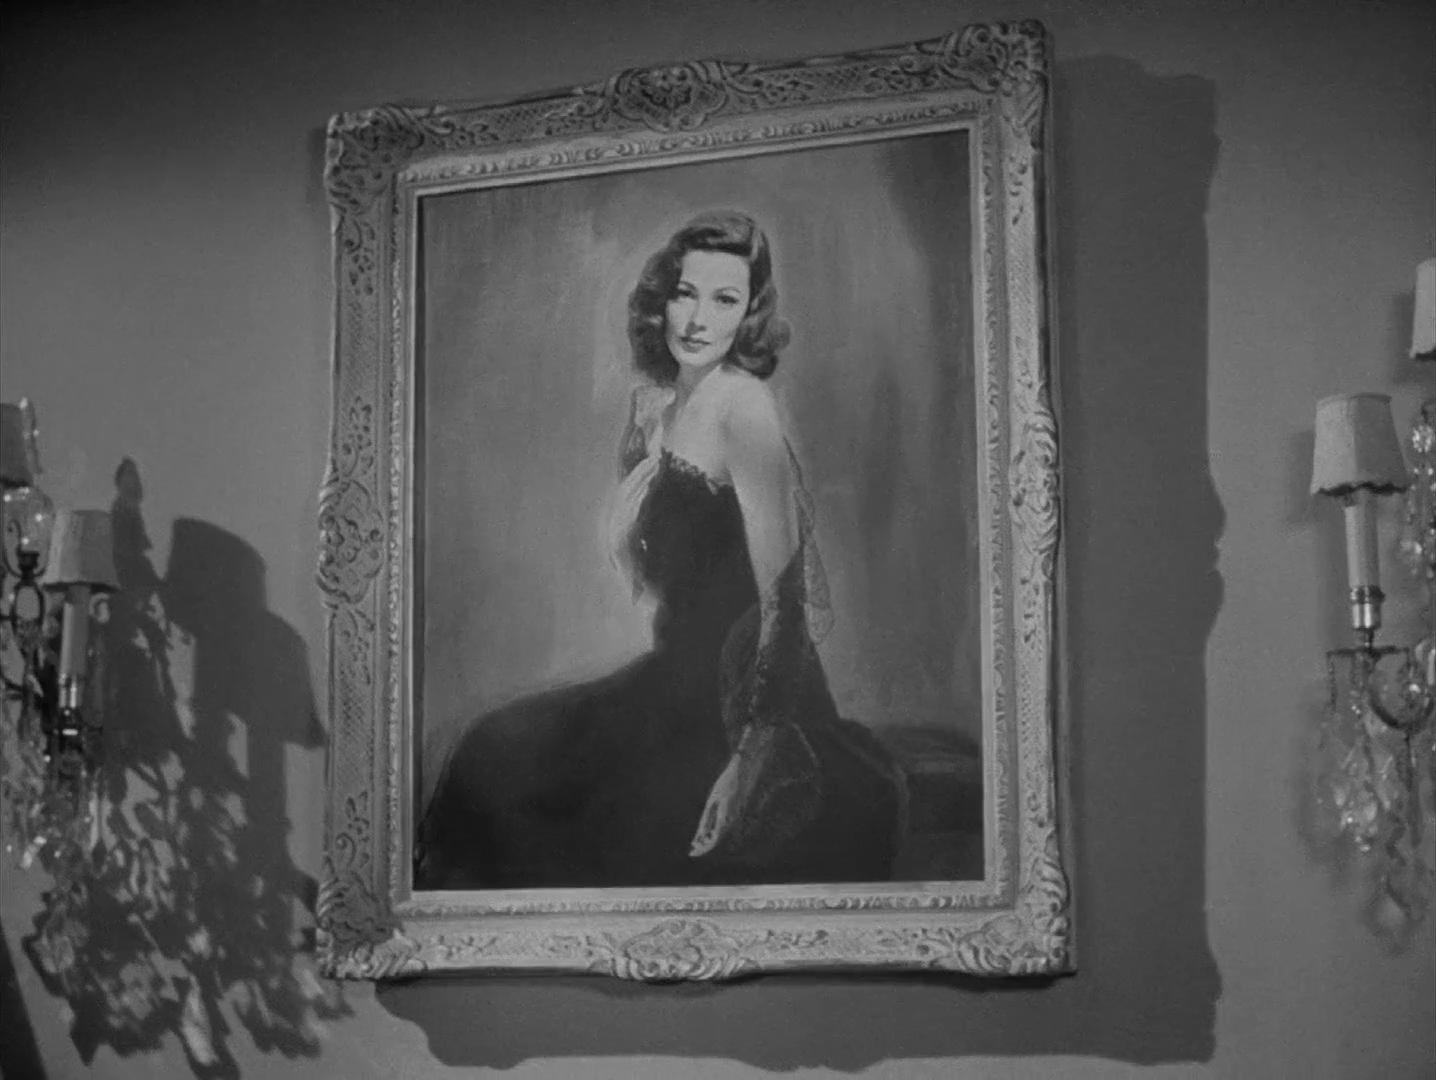 Le portrait de Laura dans le film Laura (1944) d'Otto Preminger